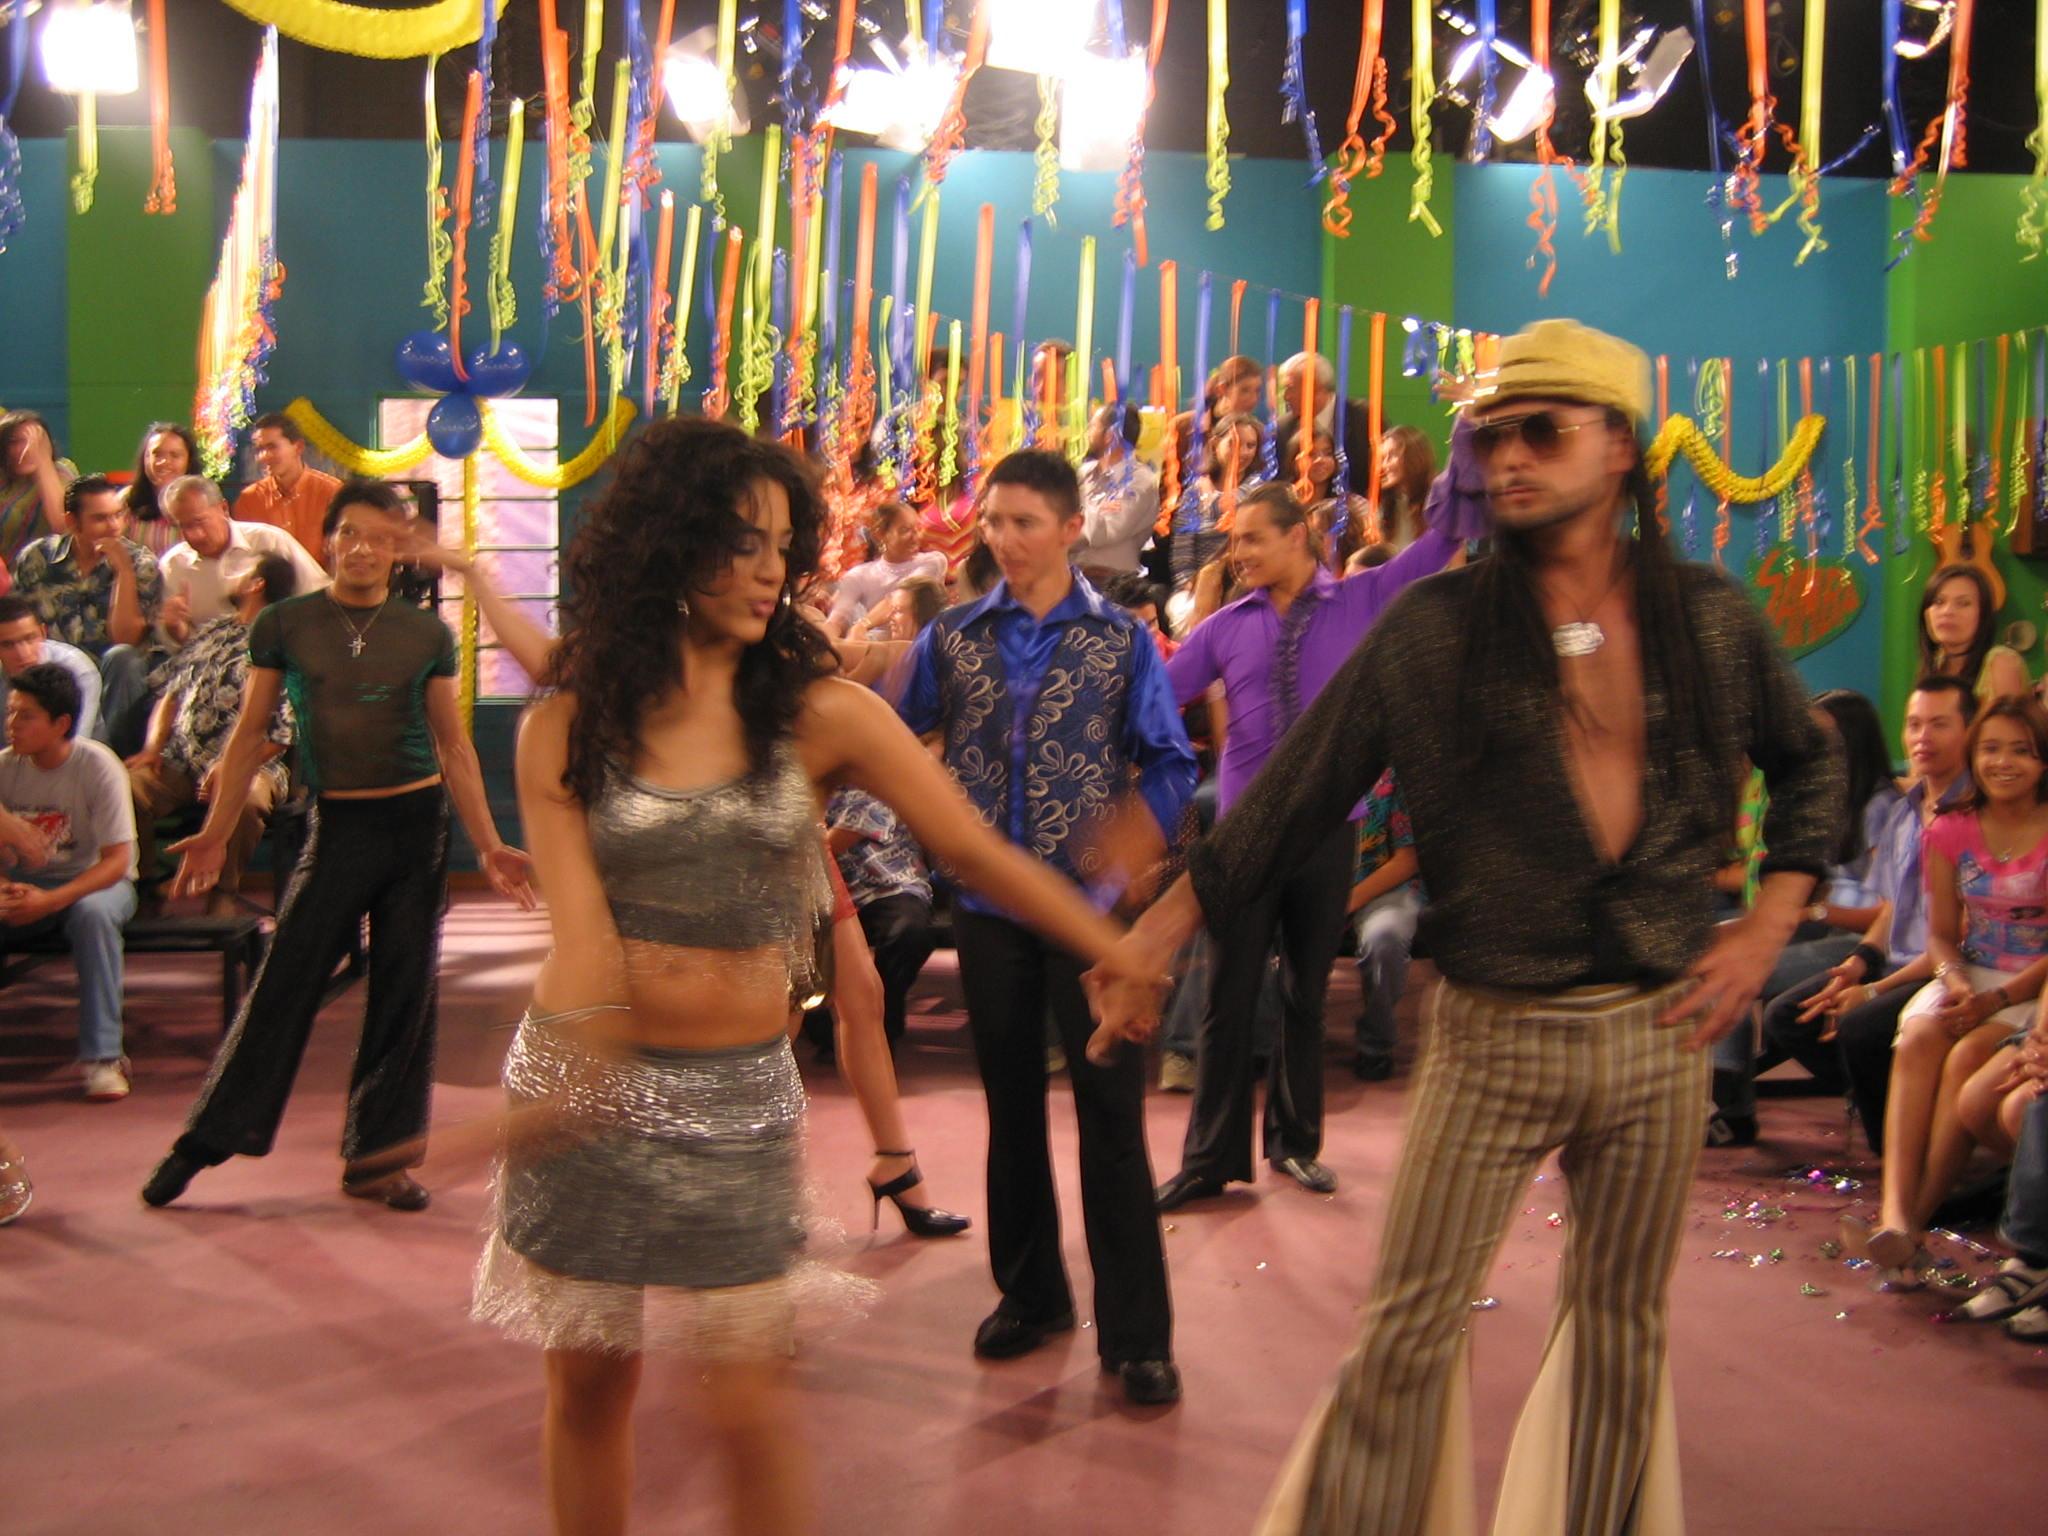 Concurso de baile-set estudio